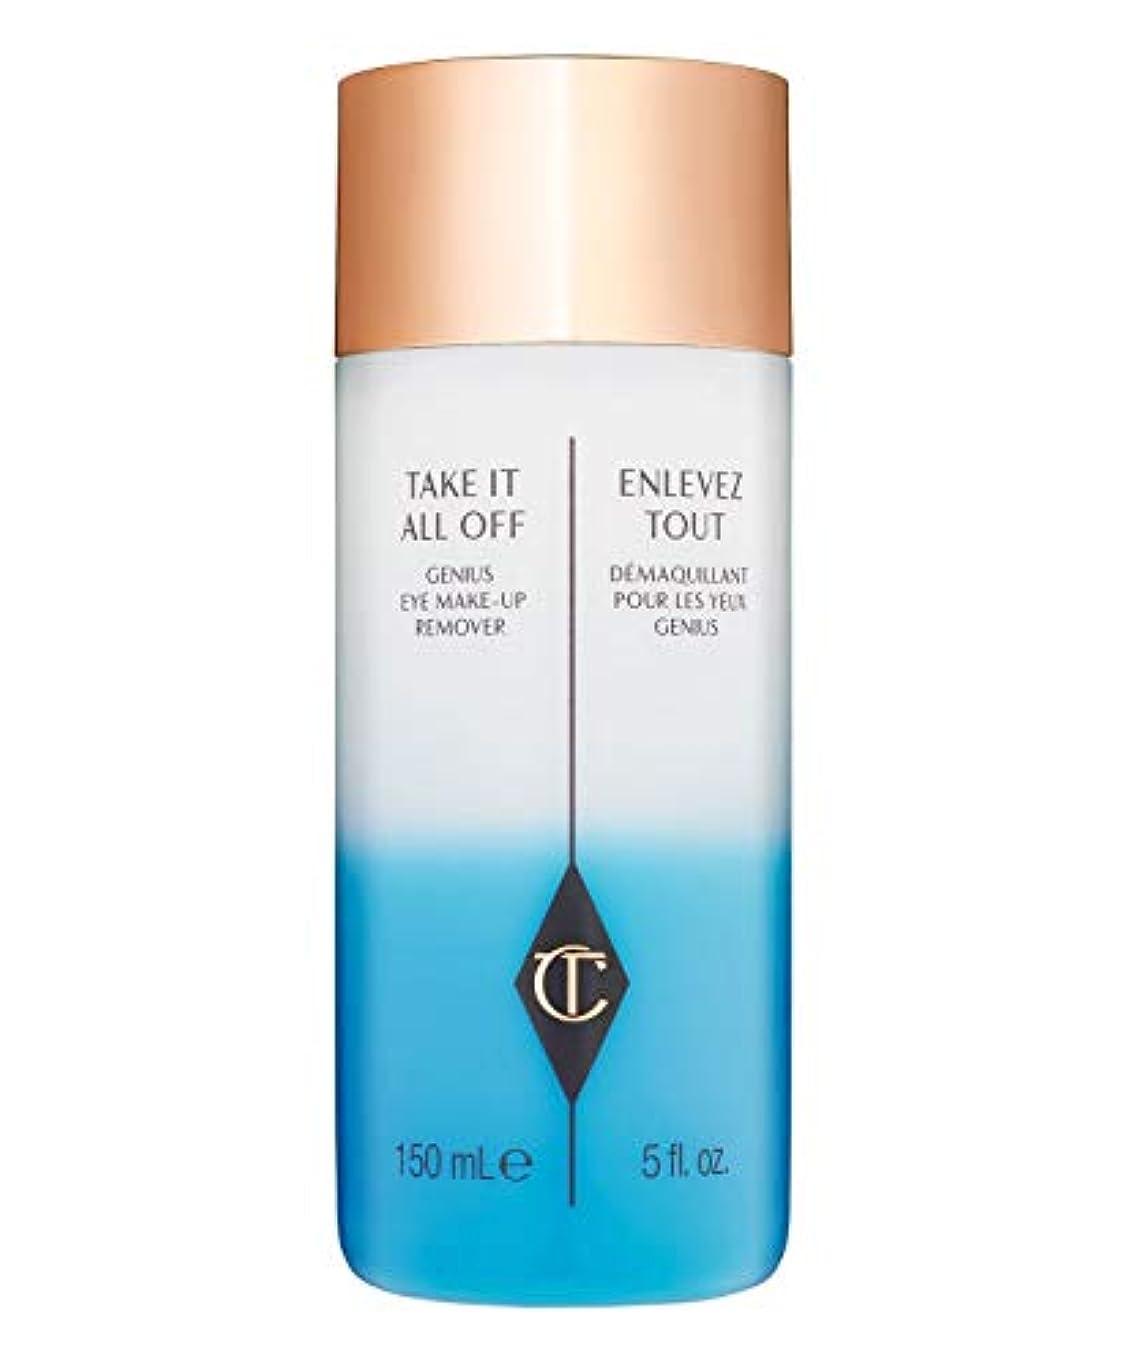 ハイブリッド触手首相Charlotte Tilbury Take It All Off Genius Eye Make-up Remover 150ml シャーロットティルバリー